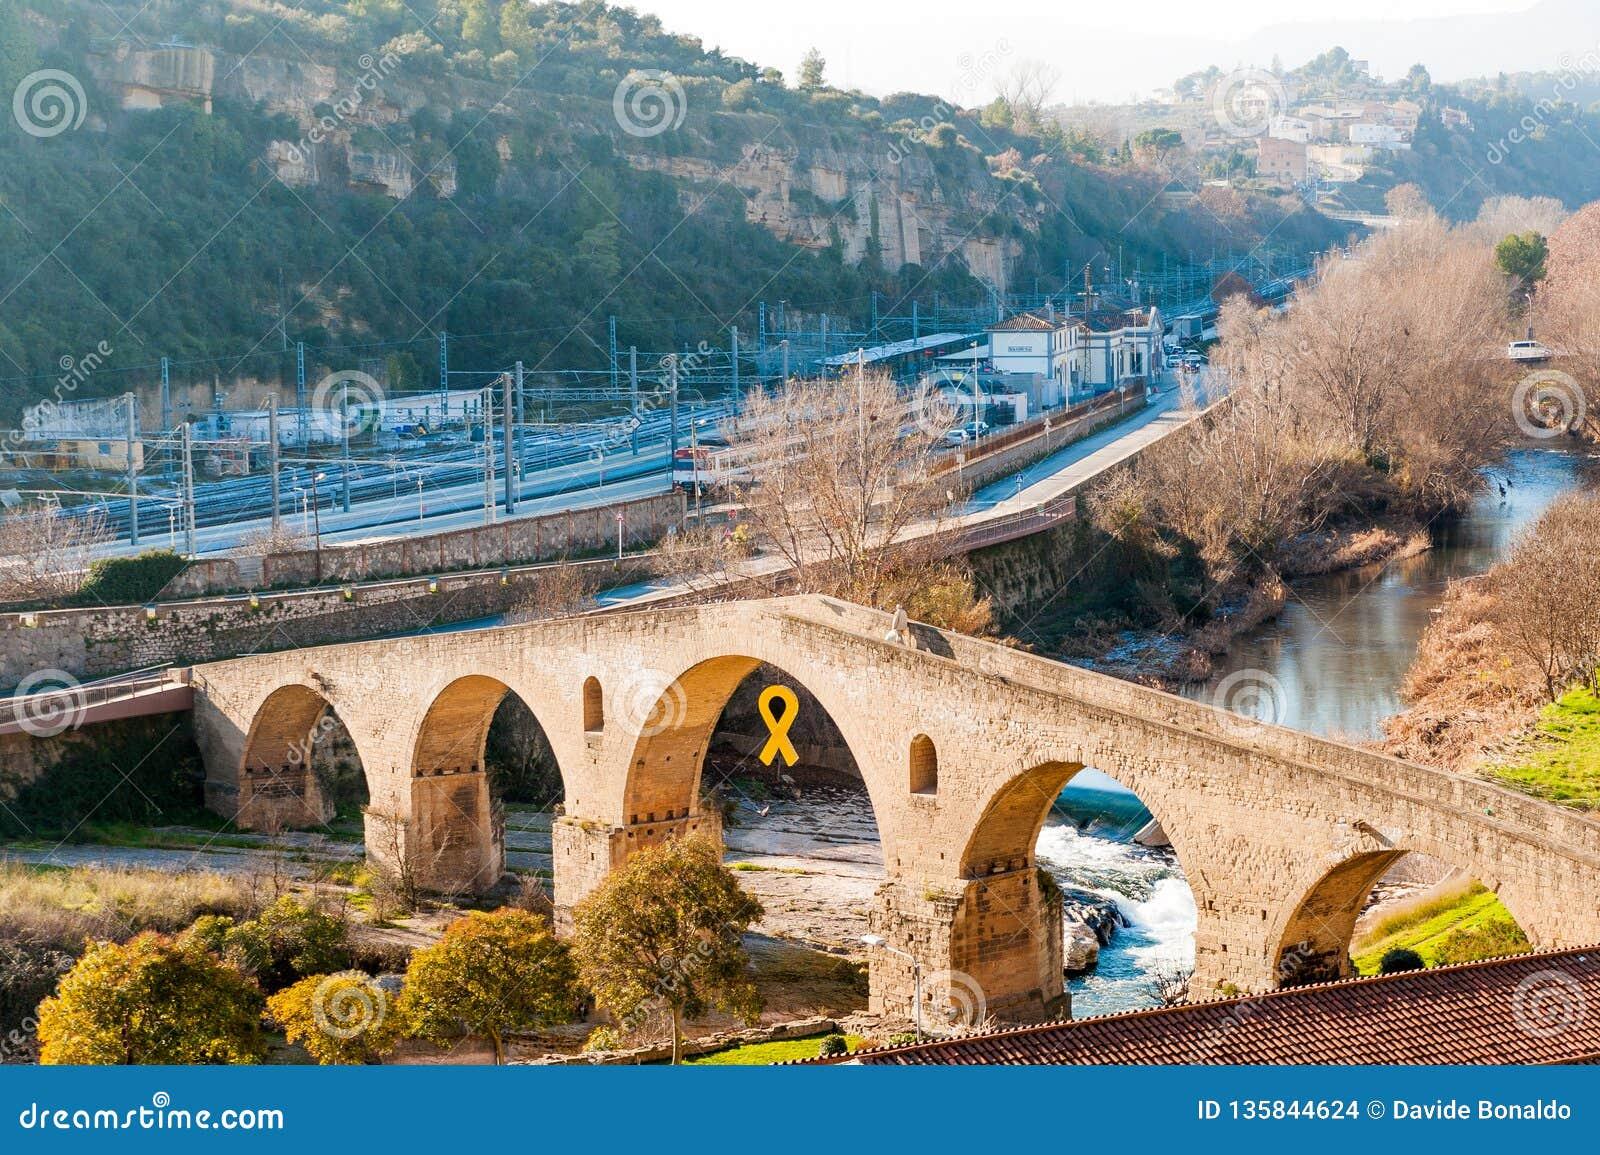 Vista da ponte velha da cidade de Manresa, símbolo da arquitetura medieval da cidade catalan pequena, durante o dia de inverno en